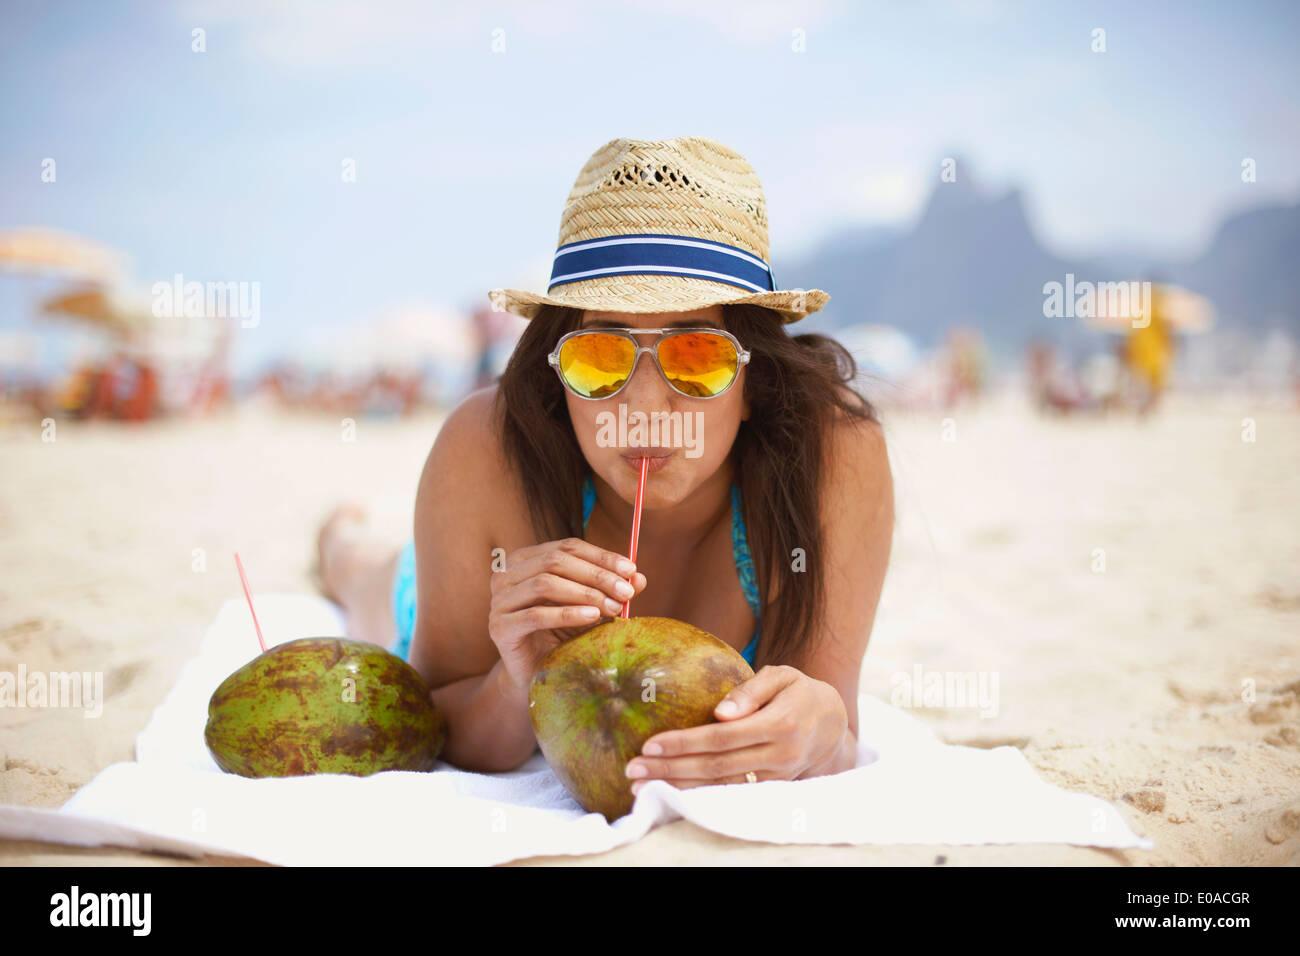 Ritratto di donna matura di bere da noce di cocco, la spiaggia di Ipanema, Rio de Janeiro, Brasile Immagini Stock